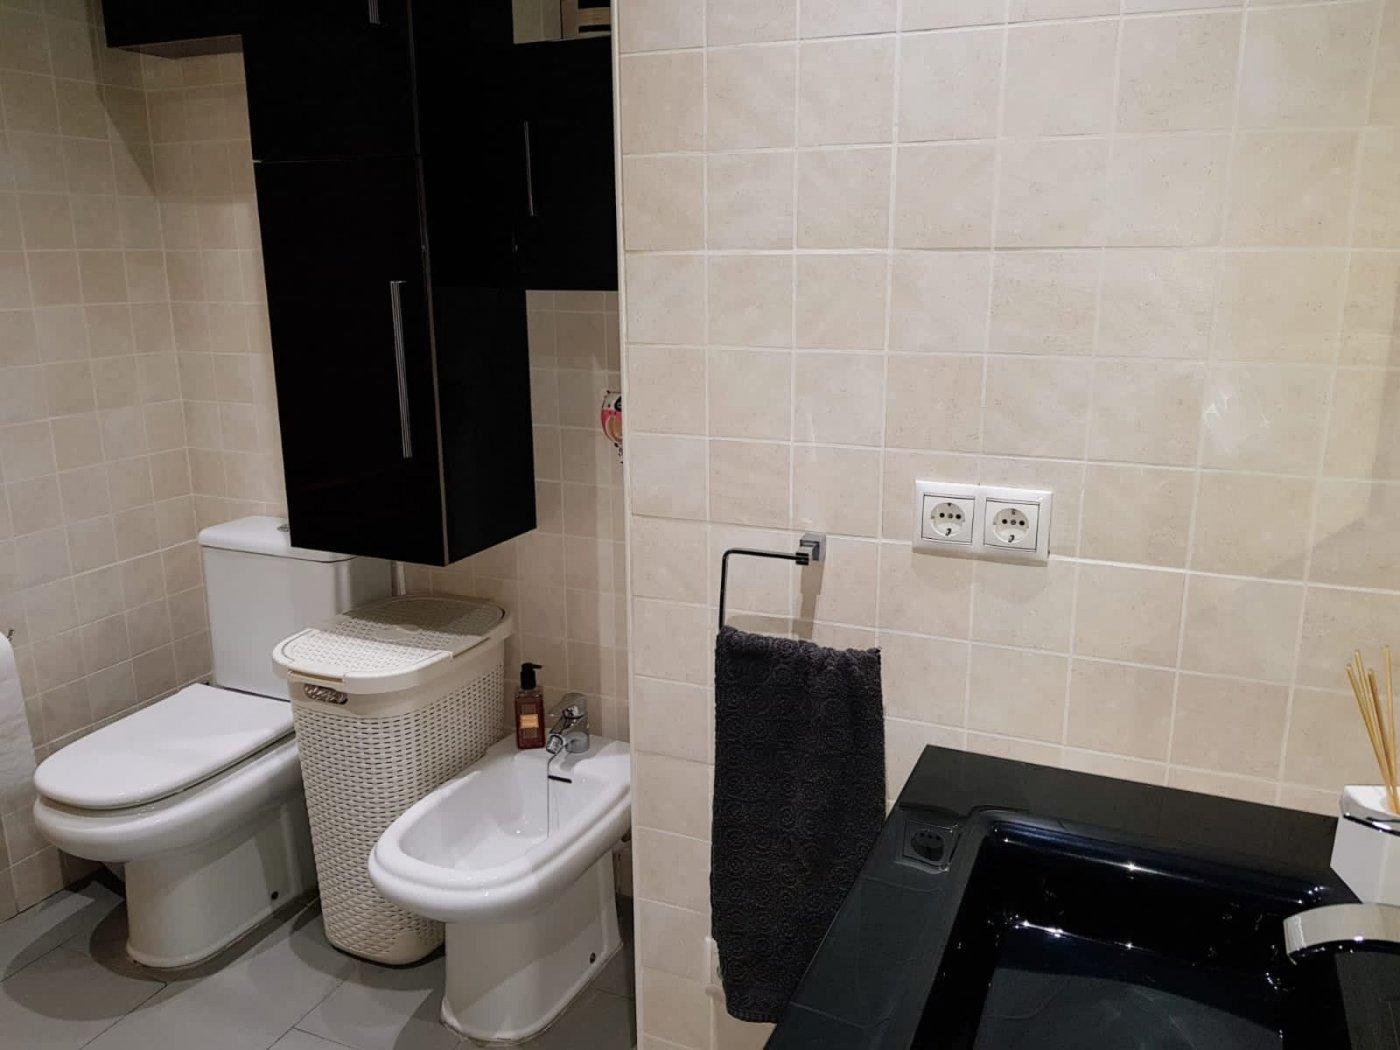 Se vende bonito apartamento semi nuevo con parking en andratx - imagenInmueble23